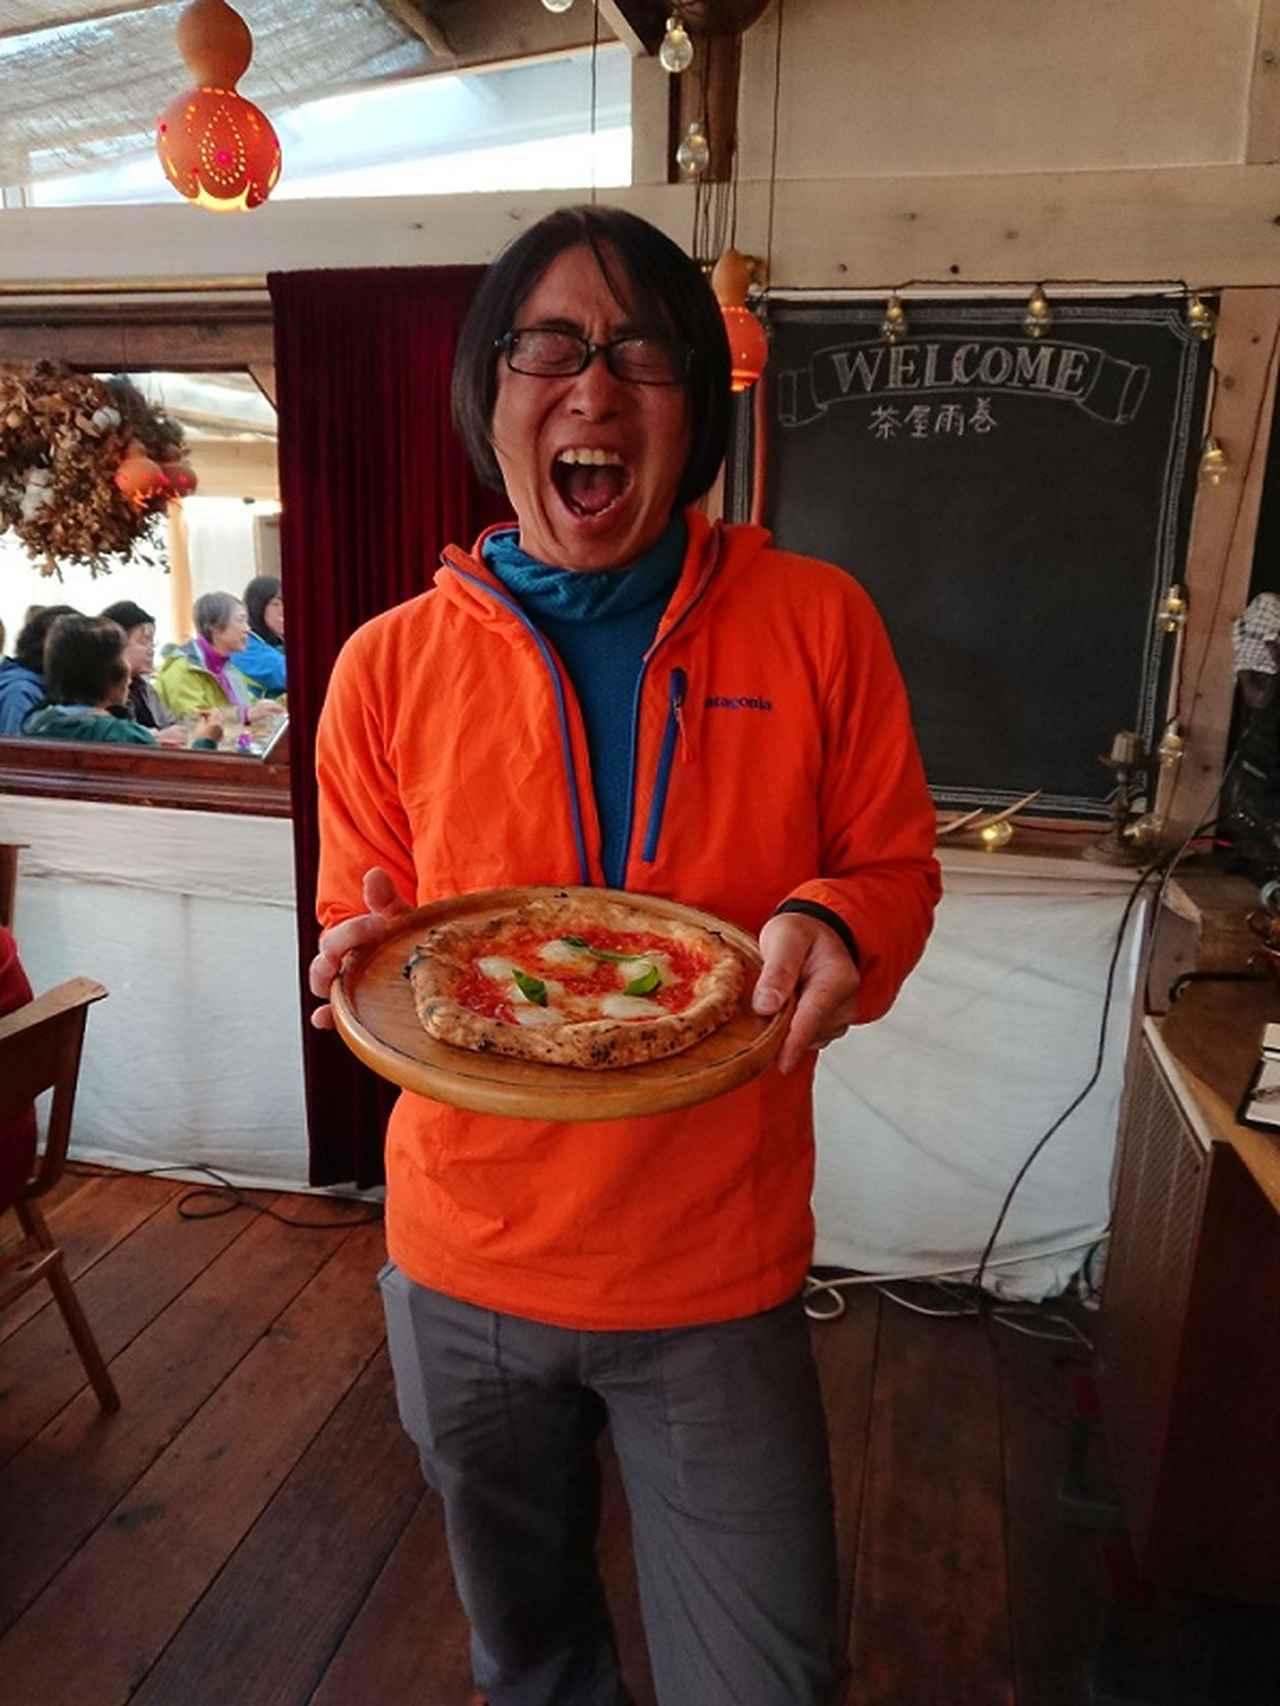 画像9: 3月2日に佐藤優ガイドの「ごちそう山」シリーズで、 雨巻山 へピザを食べに行って来ました♪